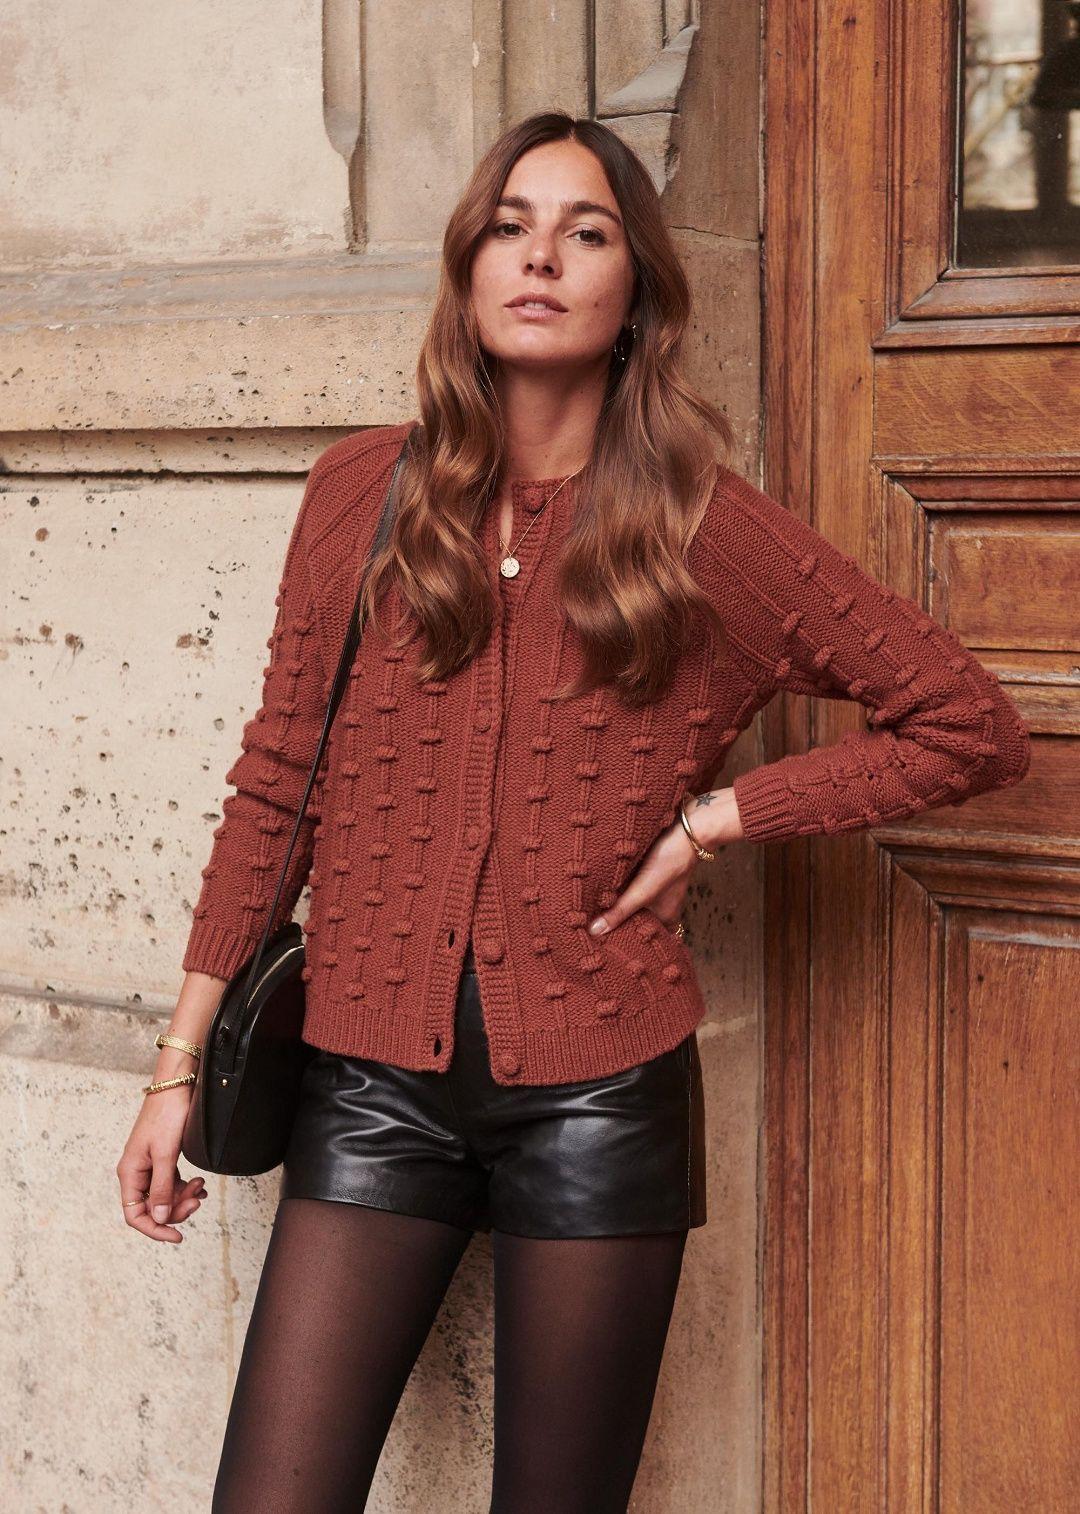 Lookbook fashion short harlow sezane, street fashion, sézane